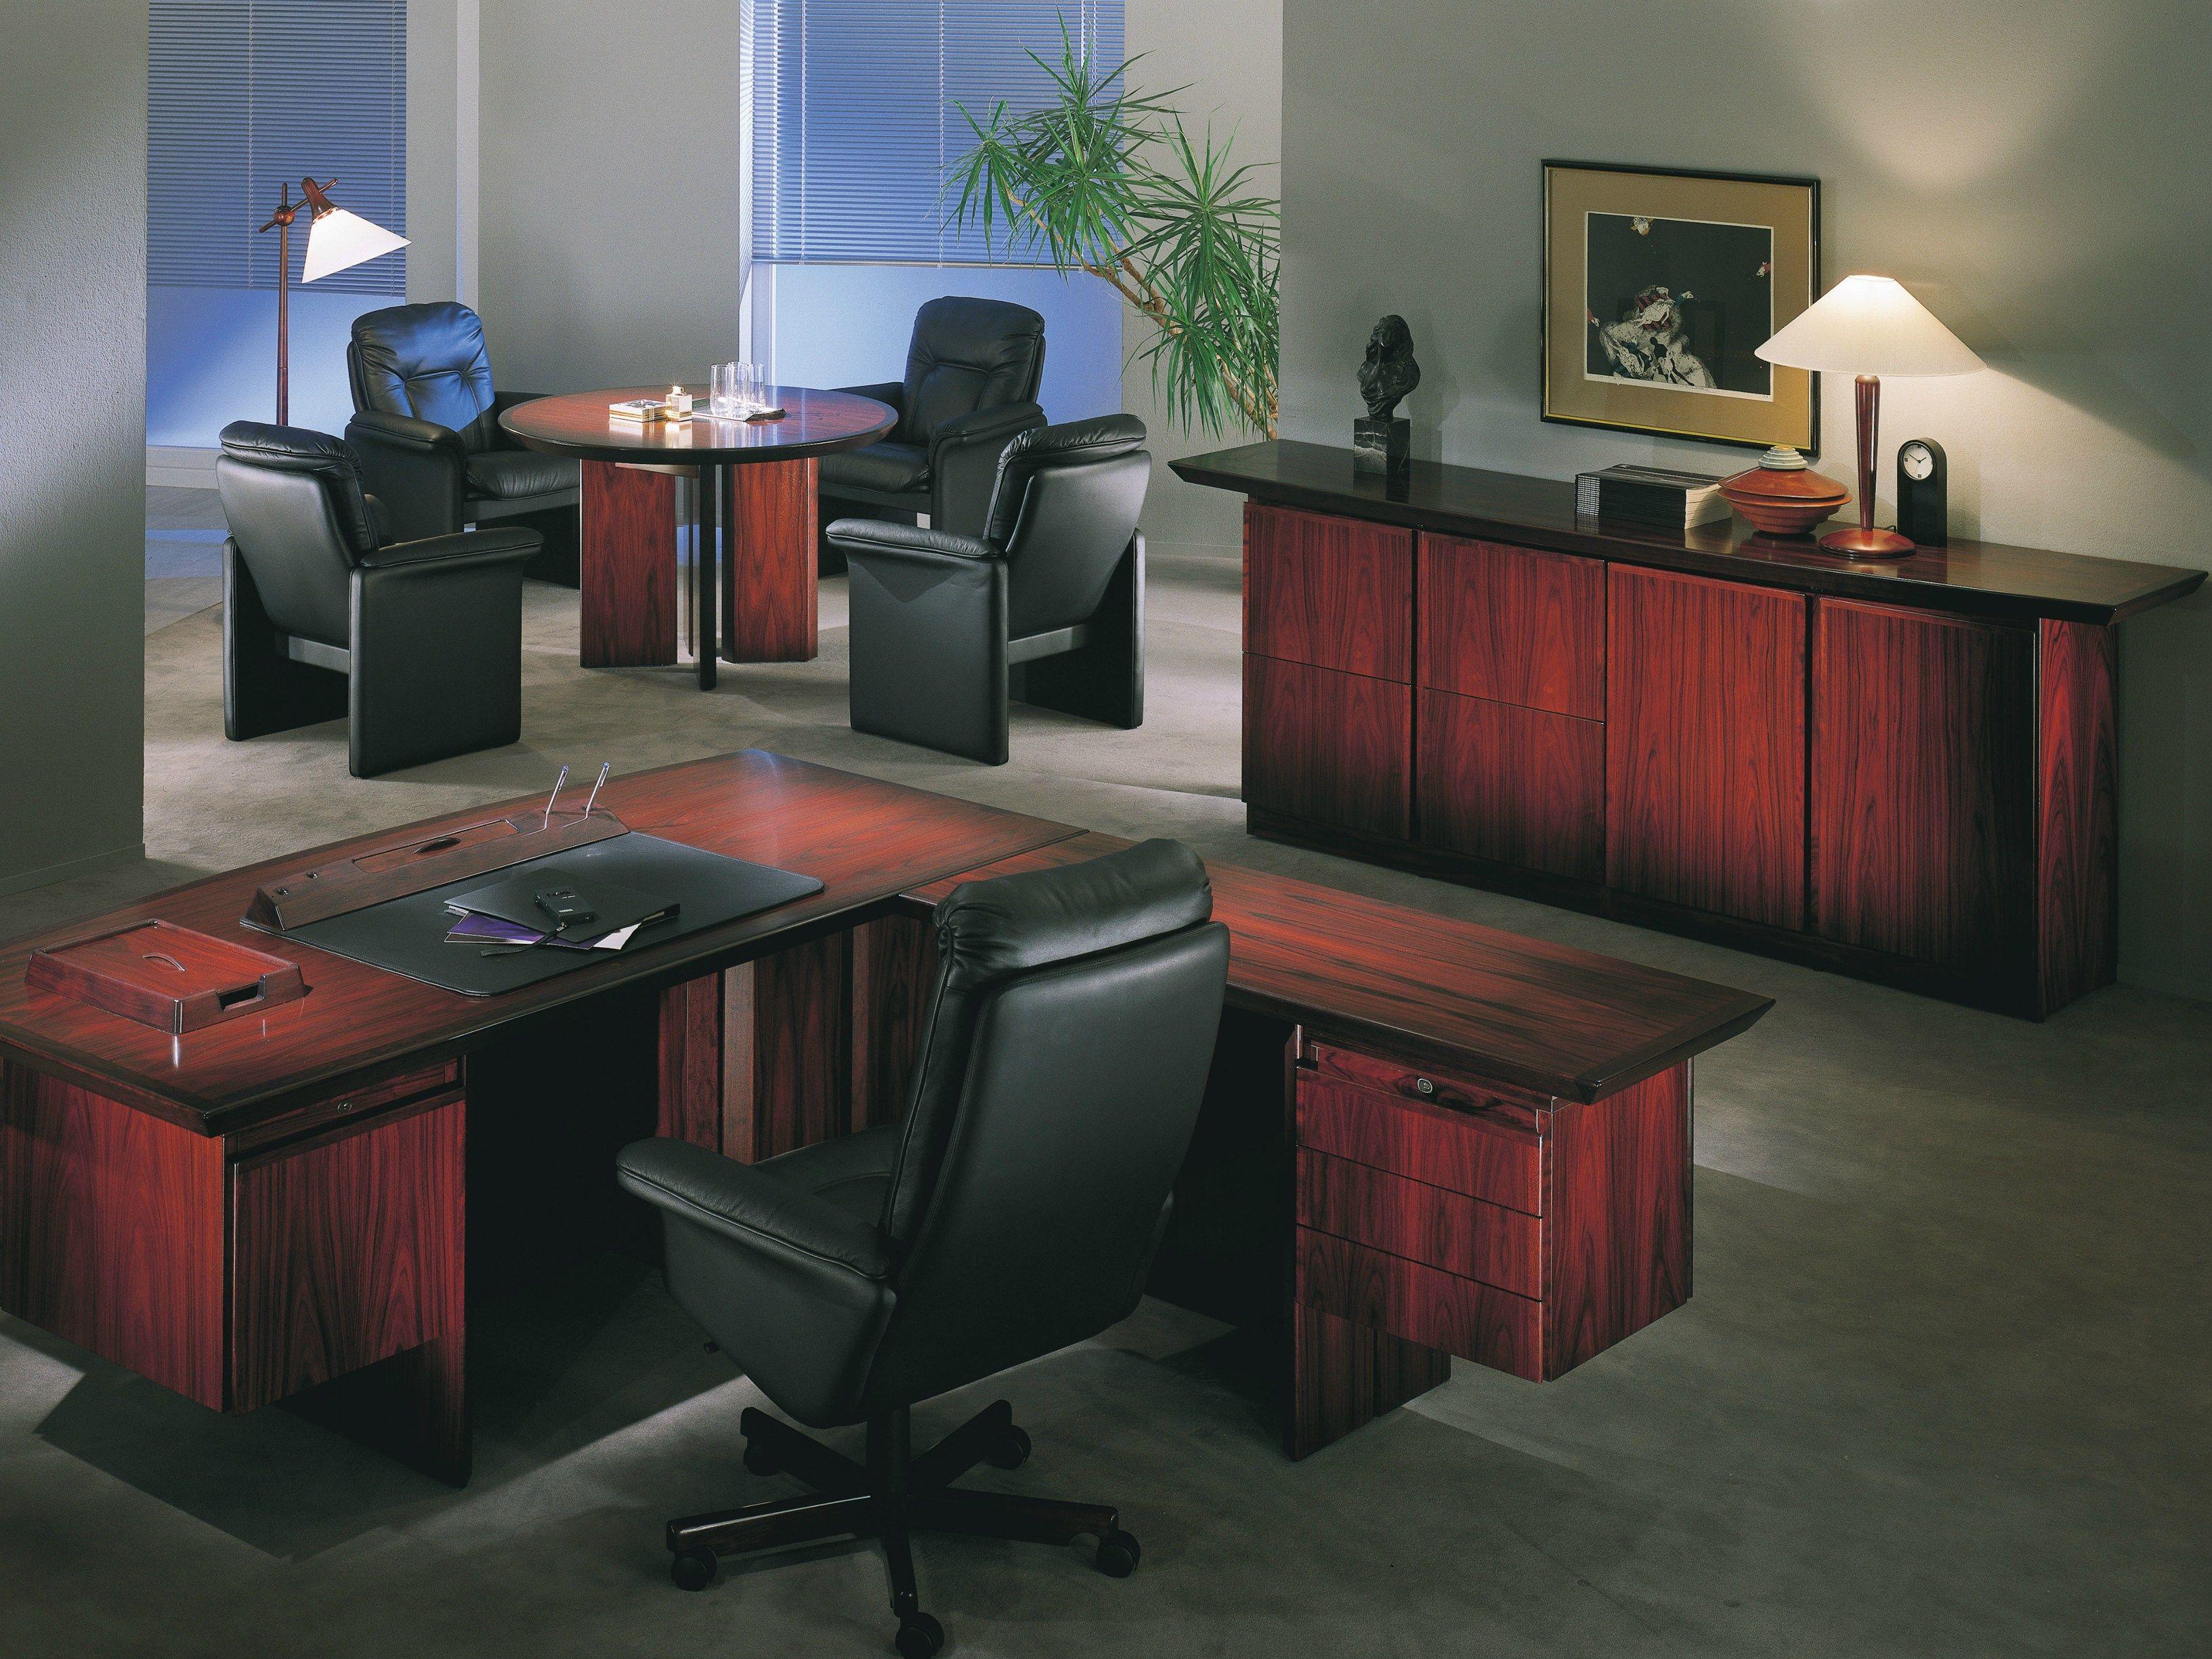 Madia mobile ufficio in legno concorde mobile for Mobile ufficio basso